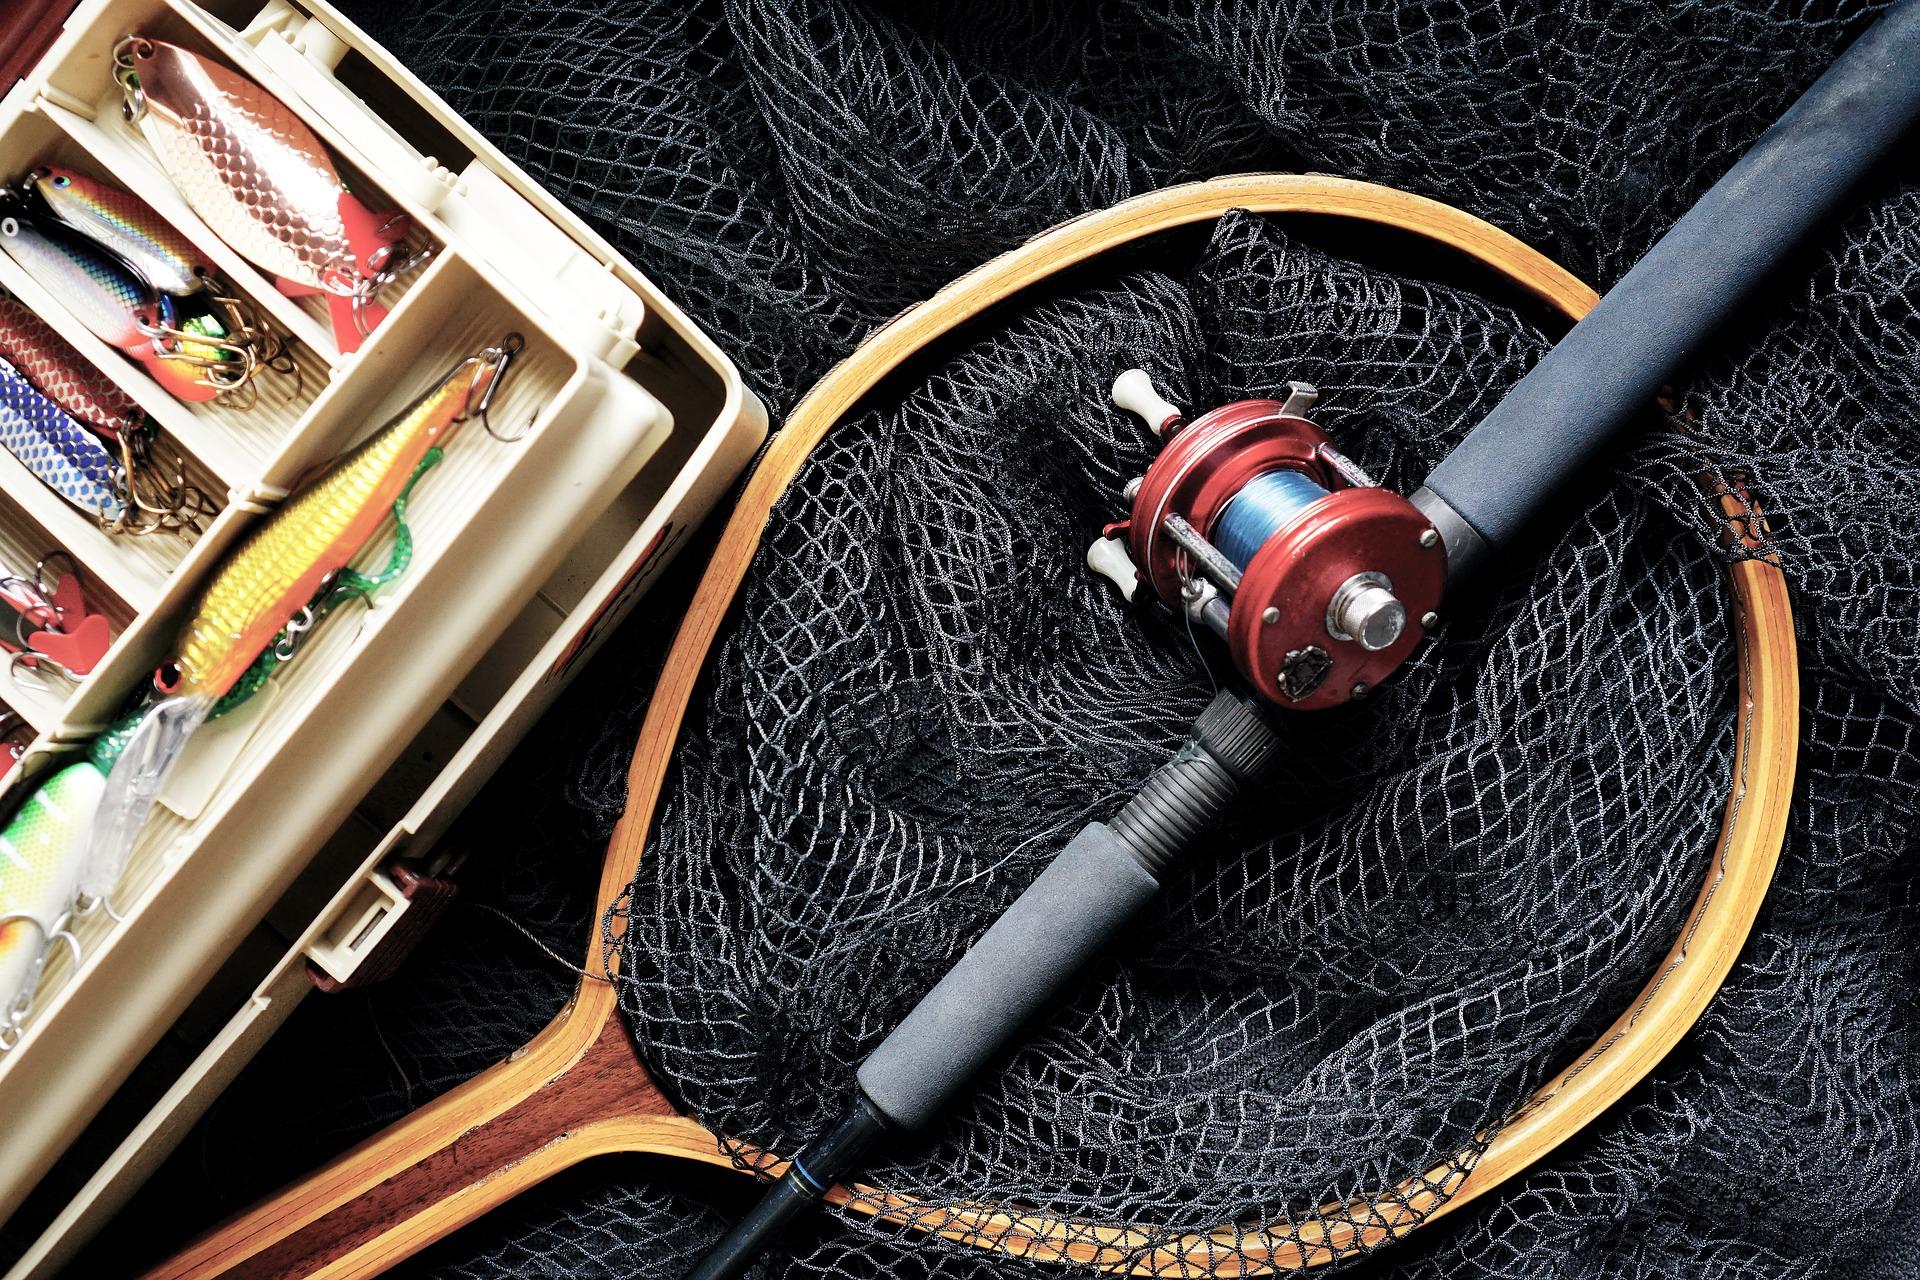 Рейтинг лучших силиконовых приманок для рыбалки на 2021 год